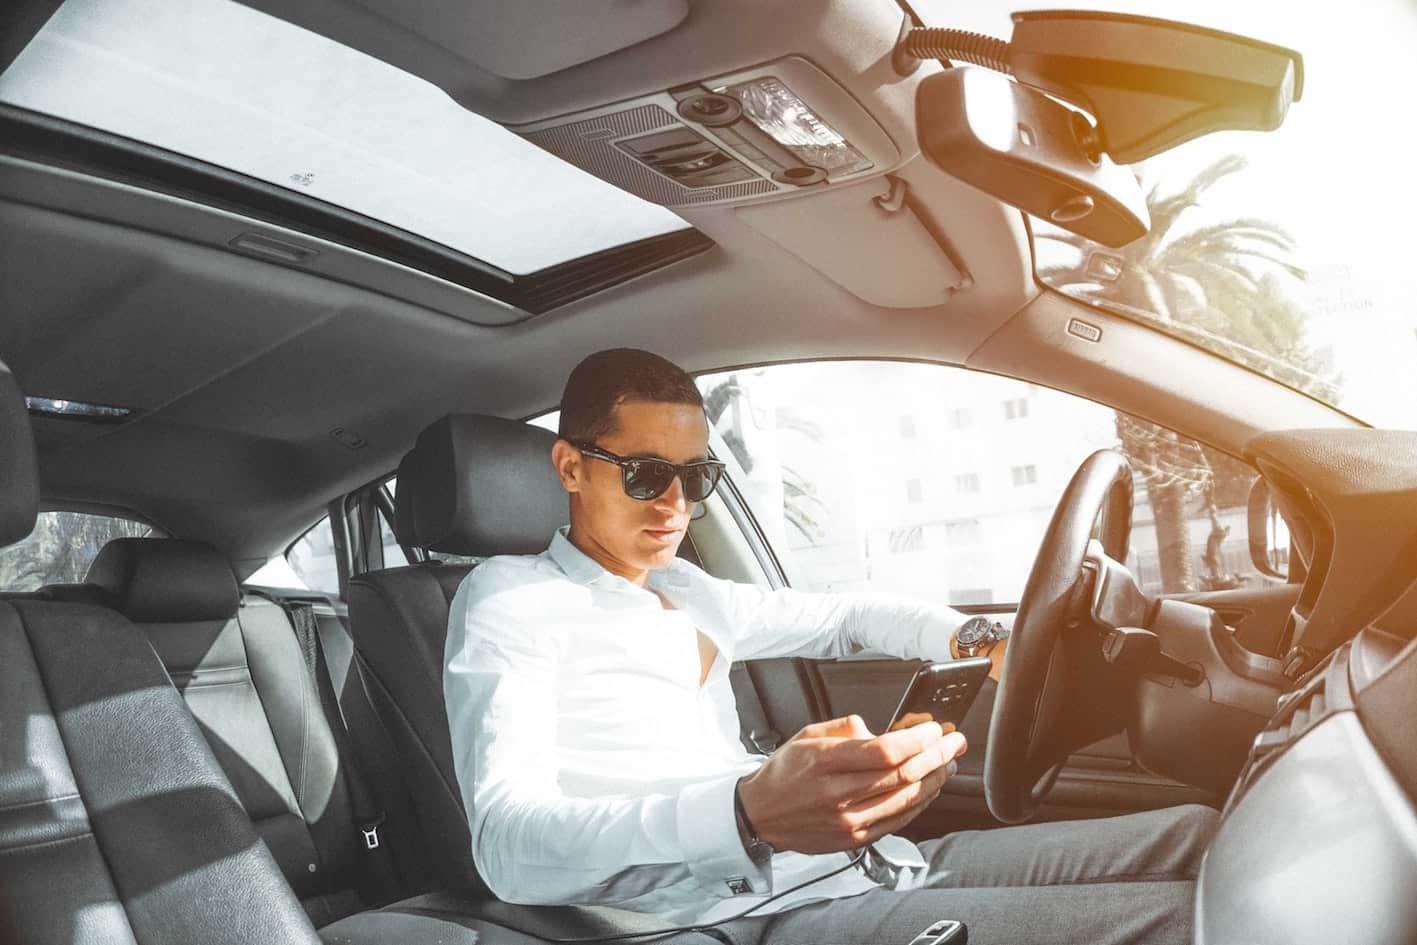 Cómo utilizar aparatos electrónicos en el auto con seguridad, evita accidentes